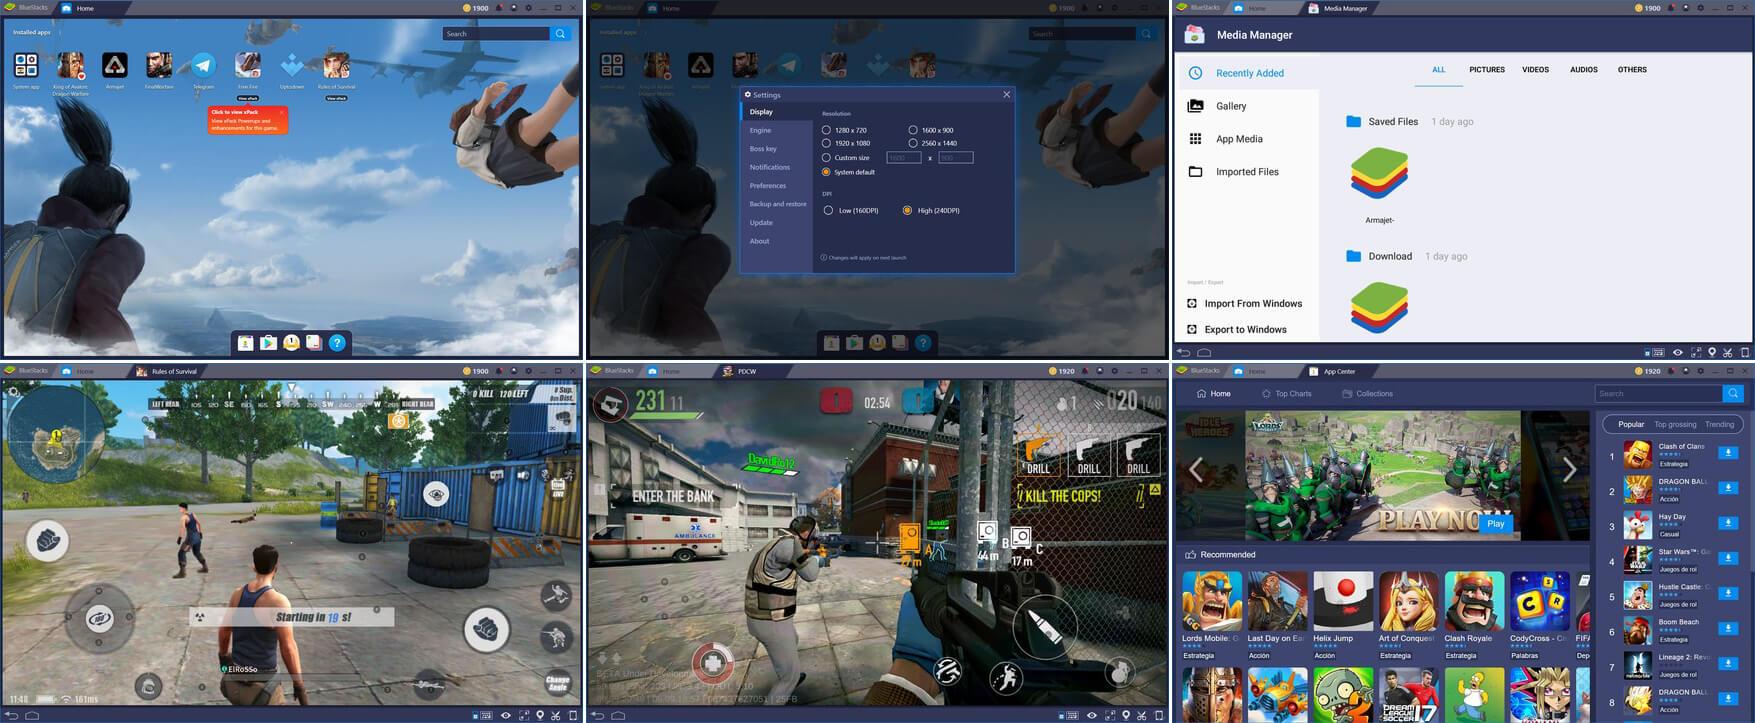 لقطات شاشة لبرنامج بلوستاك Bluestack للكمبيوتر 2021